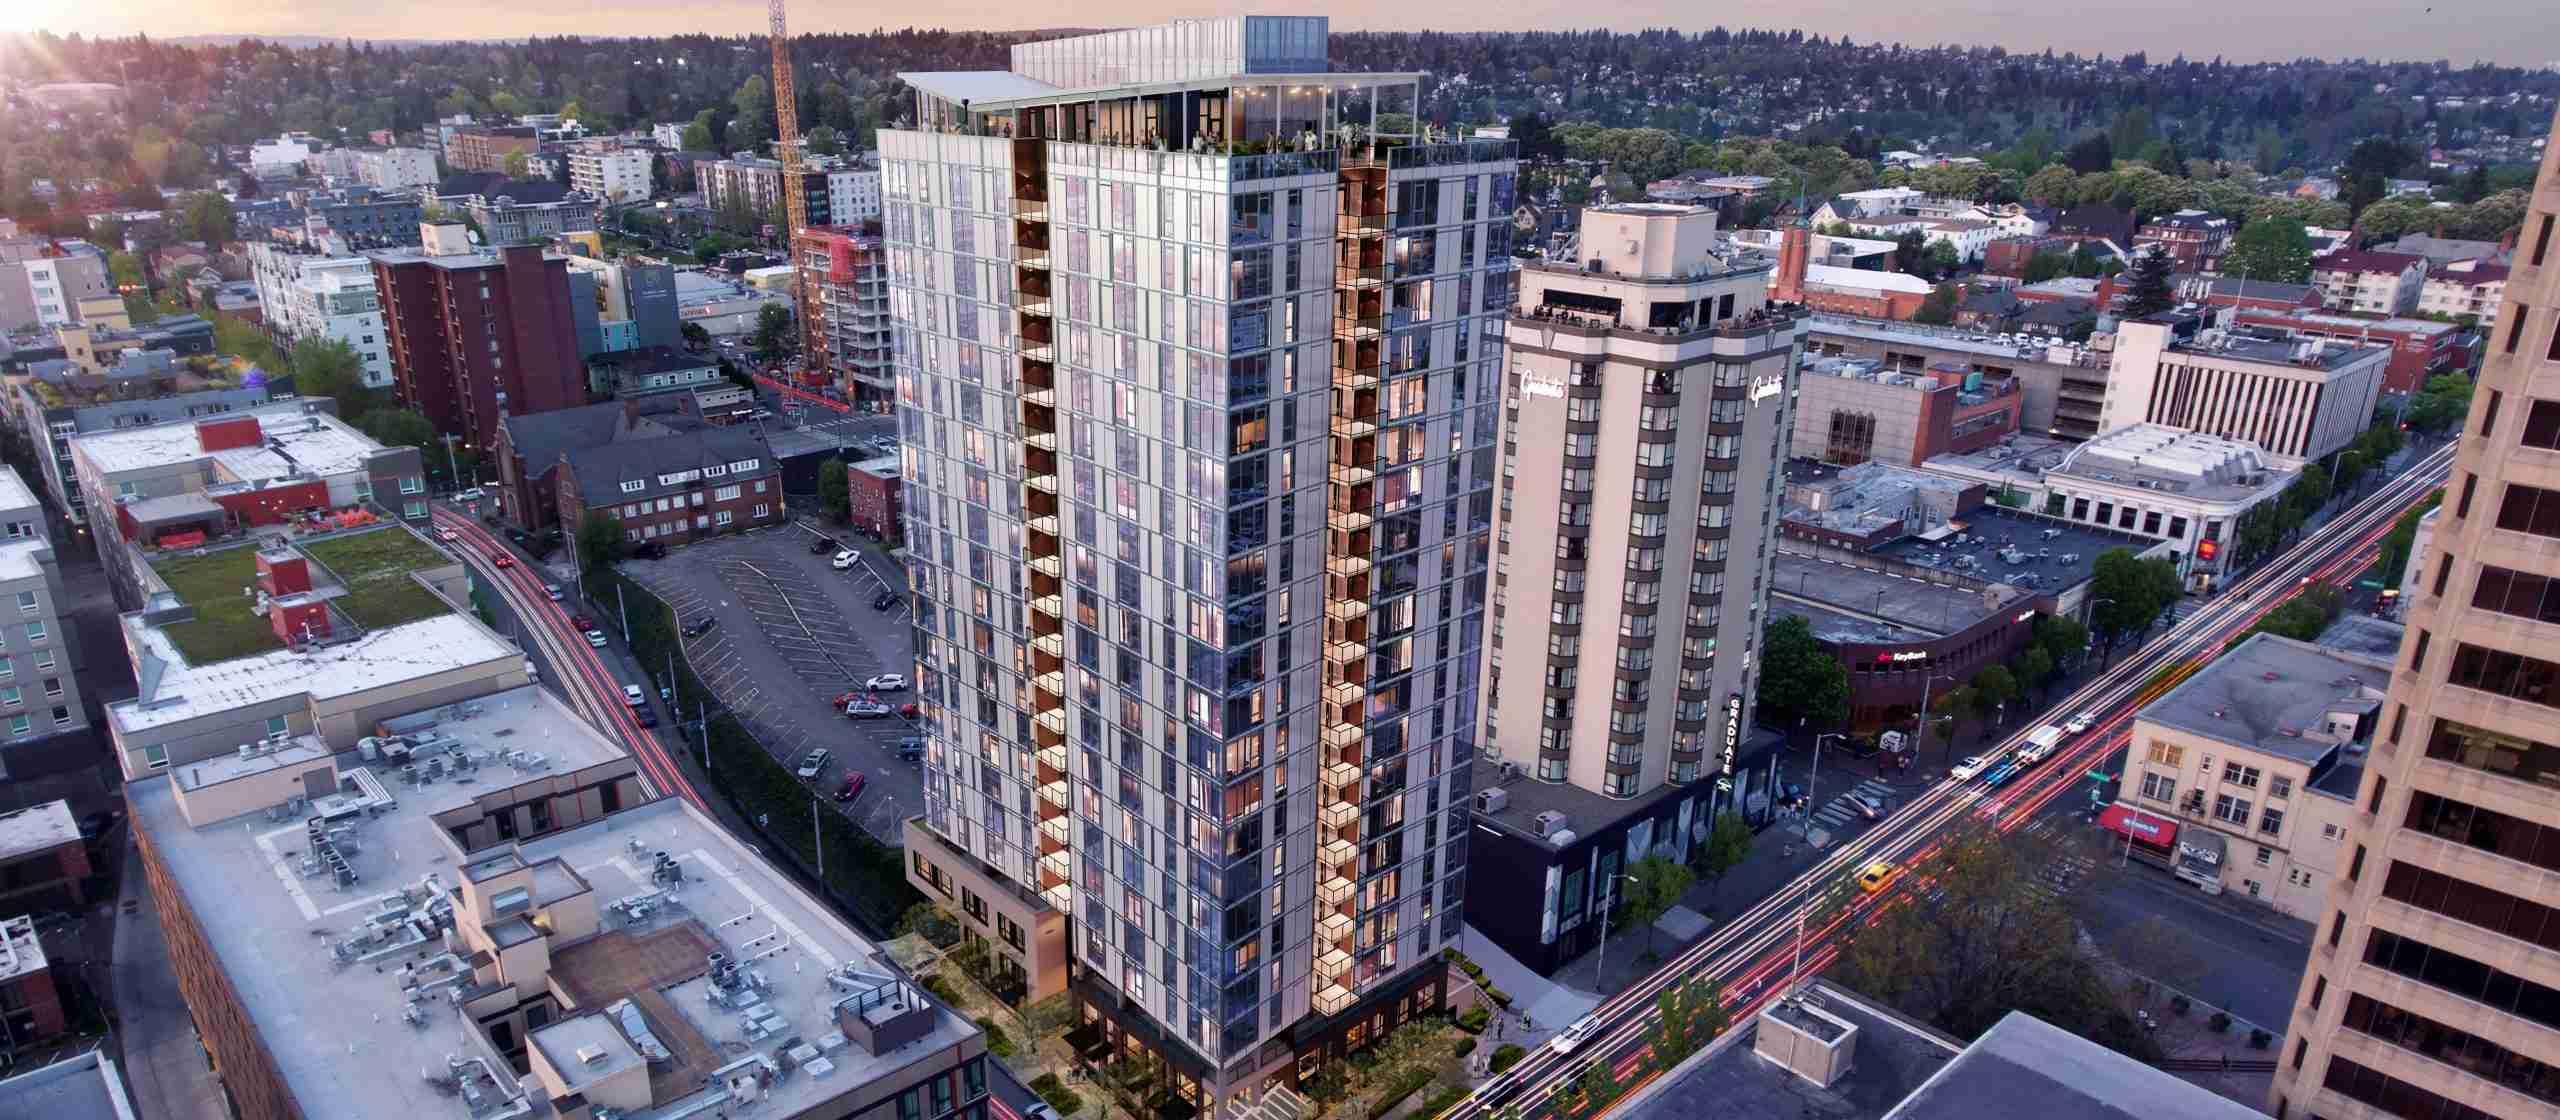 1200 NE 45th Street Tower Rendering